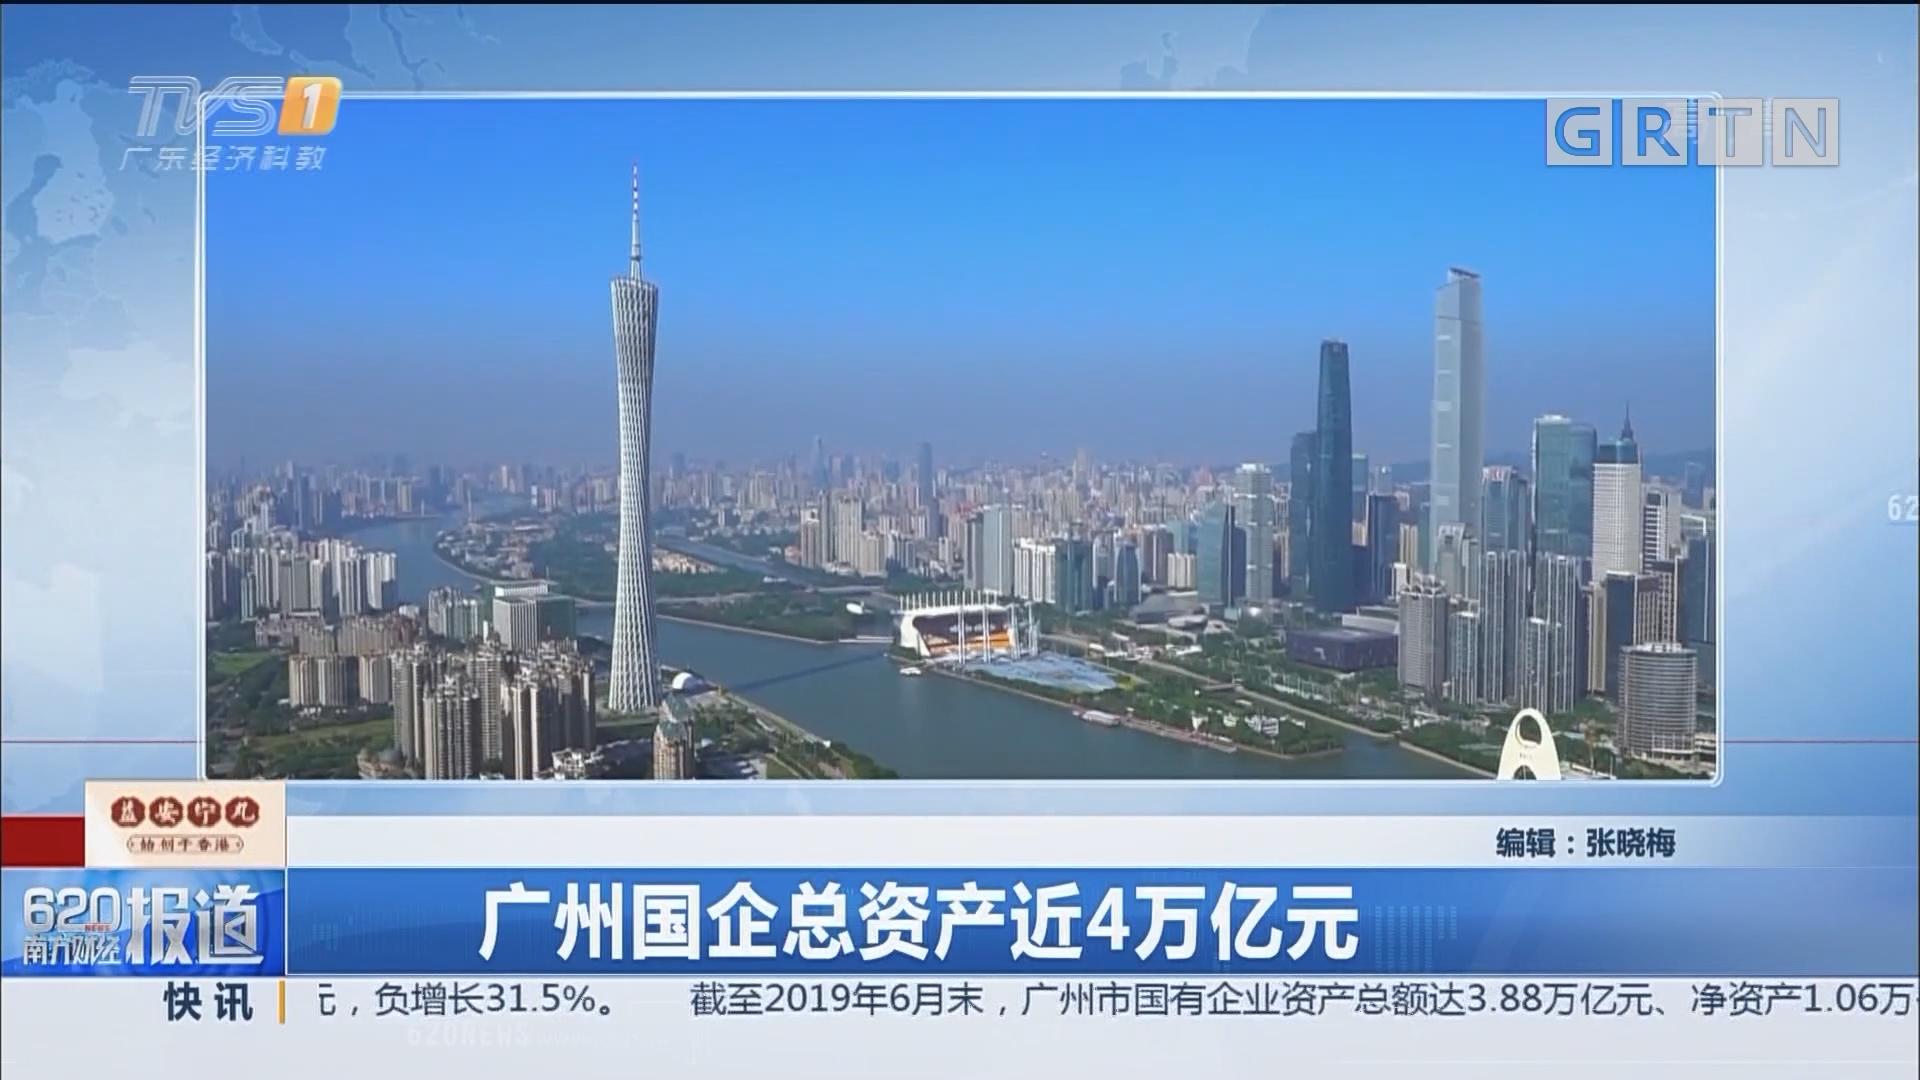 广州国企总资产近4万亿元